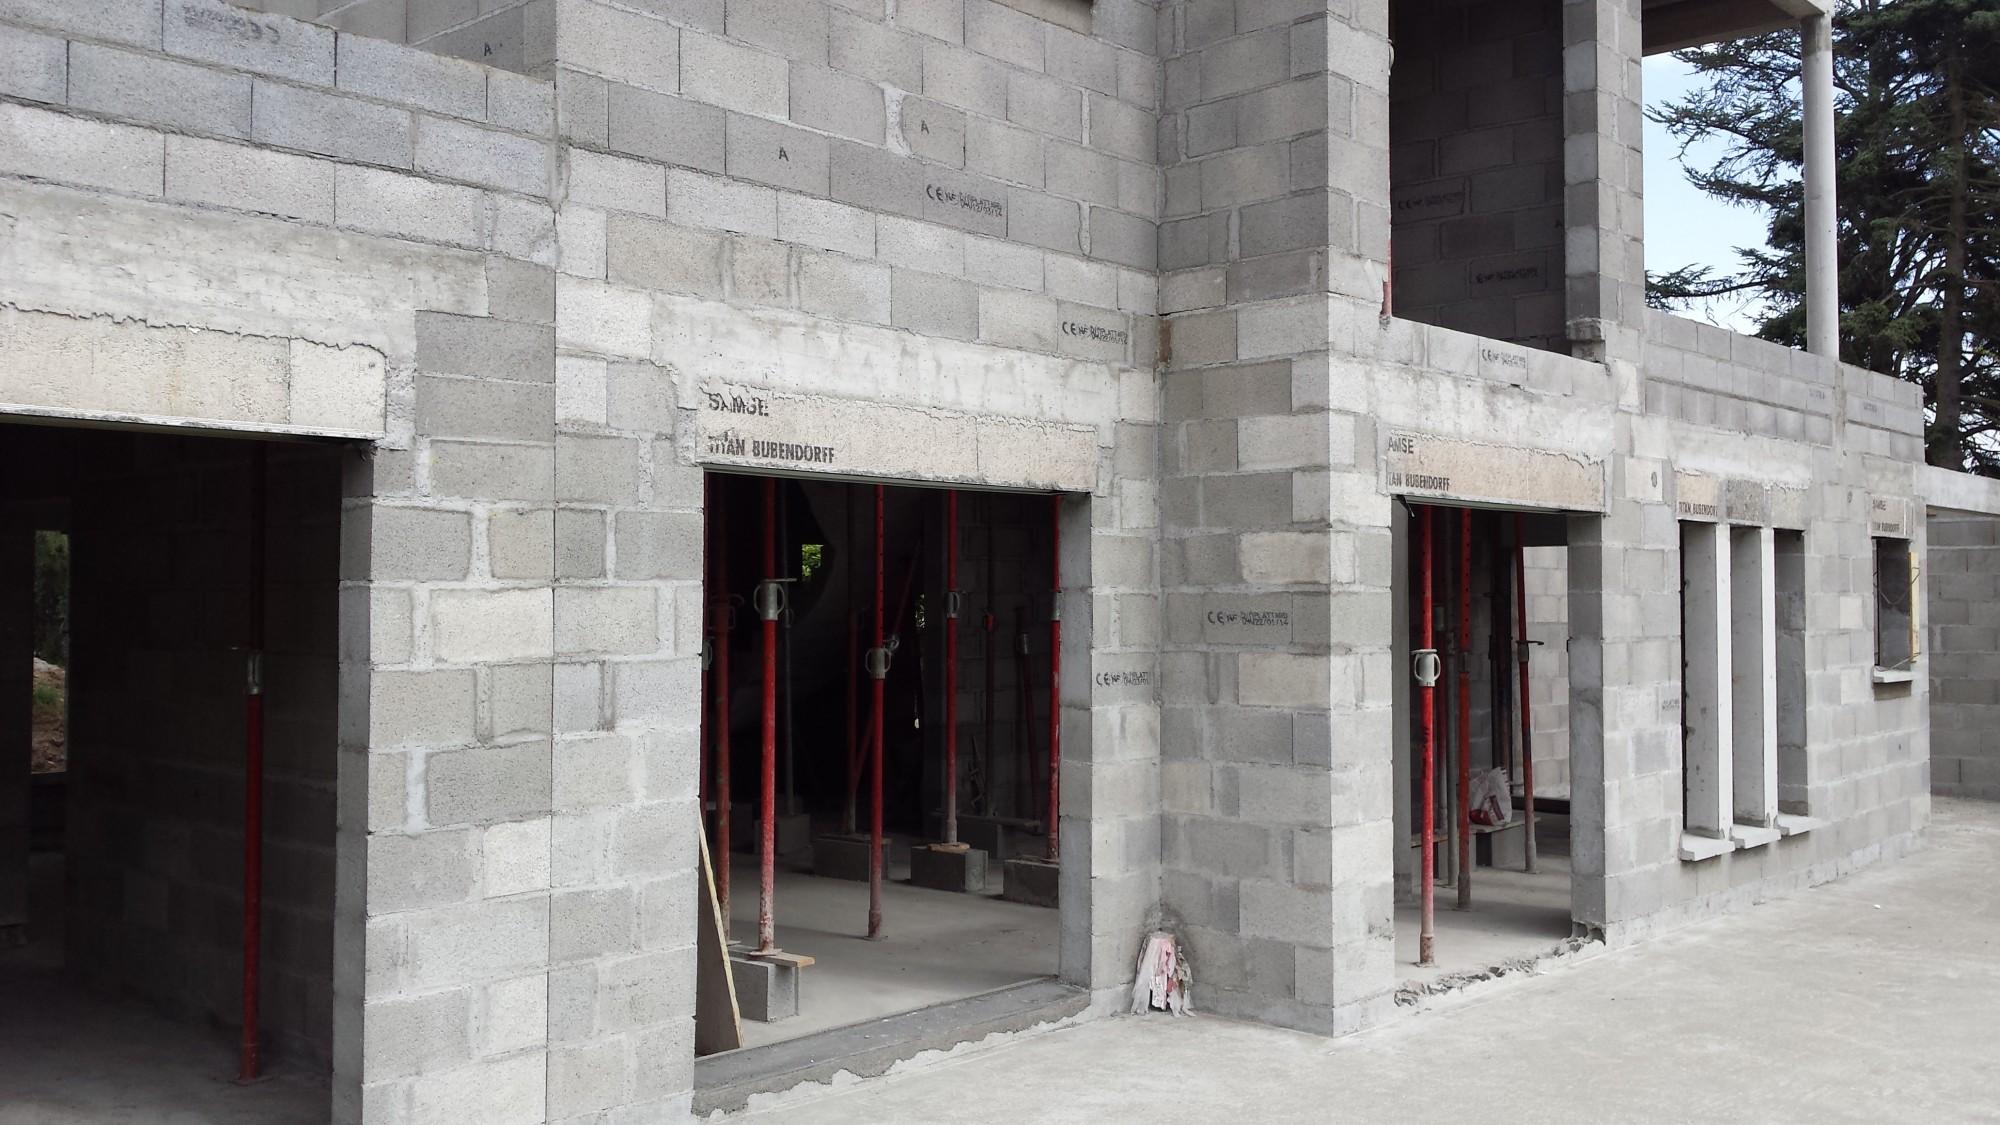 projet et r alisation en cours d 39 une maison toiture. Black Bedroom Furniture Sets. Home Design Ideas